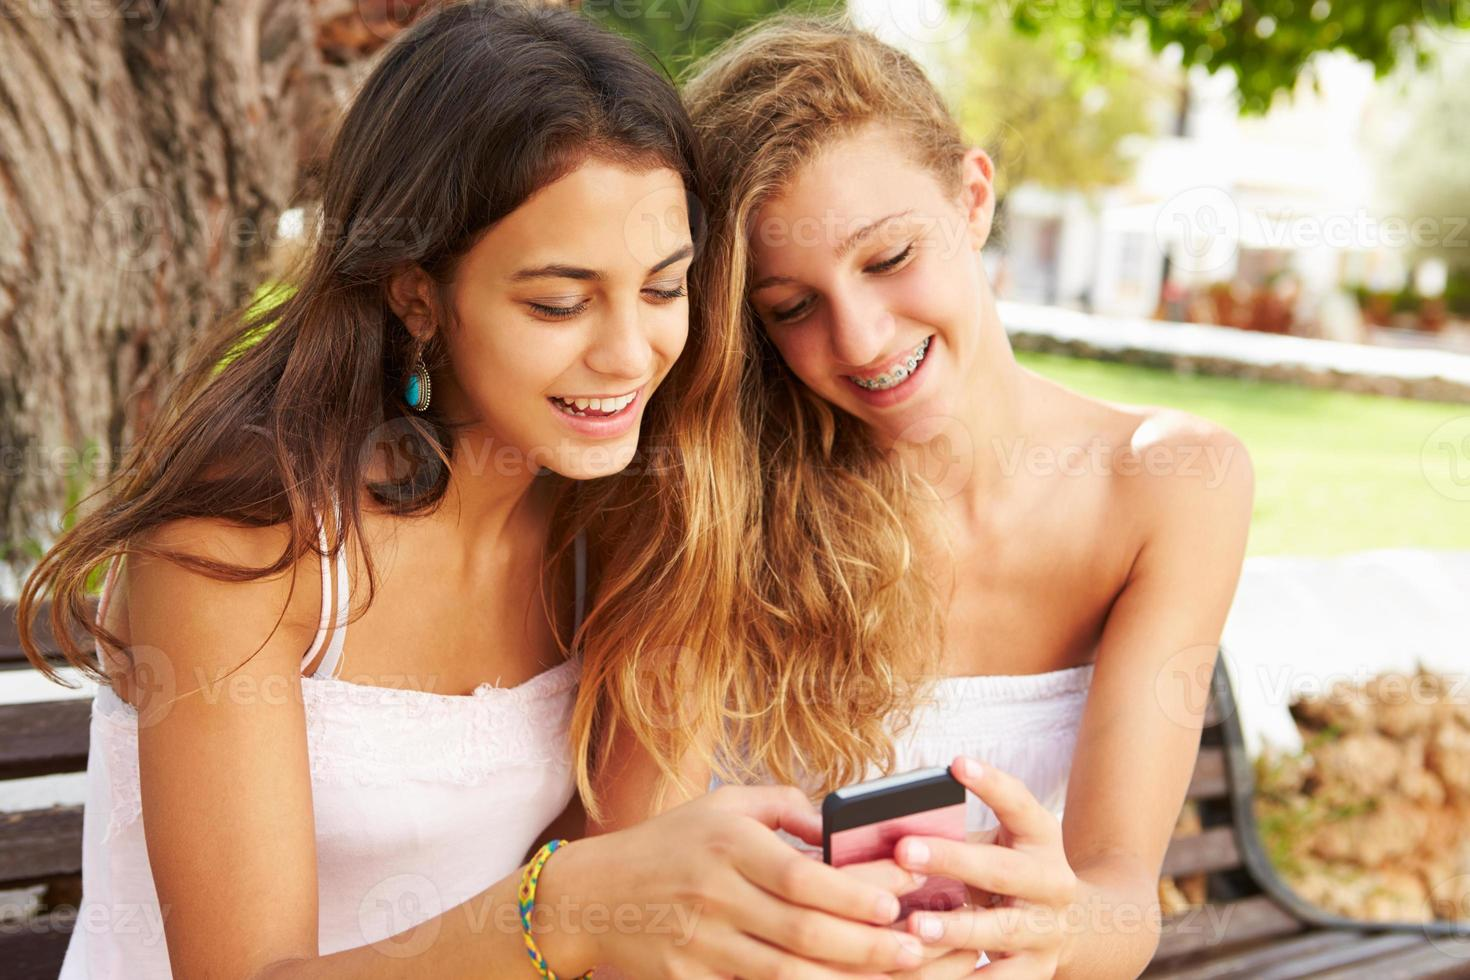 due ragazze adolescenti utilizzando il telefono cellulare seduto sulla panchina del parco foto